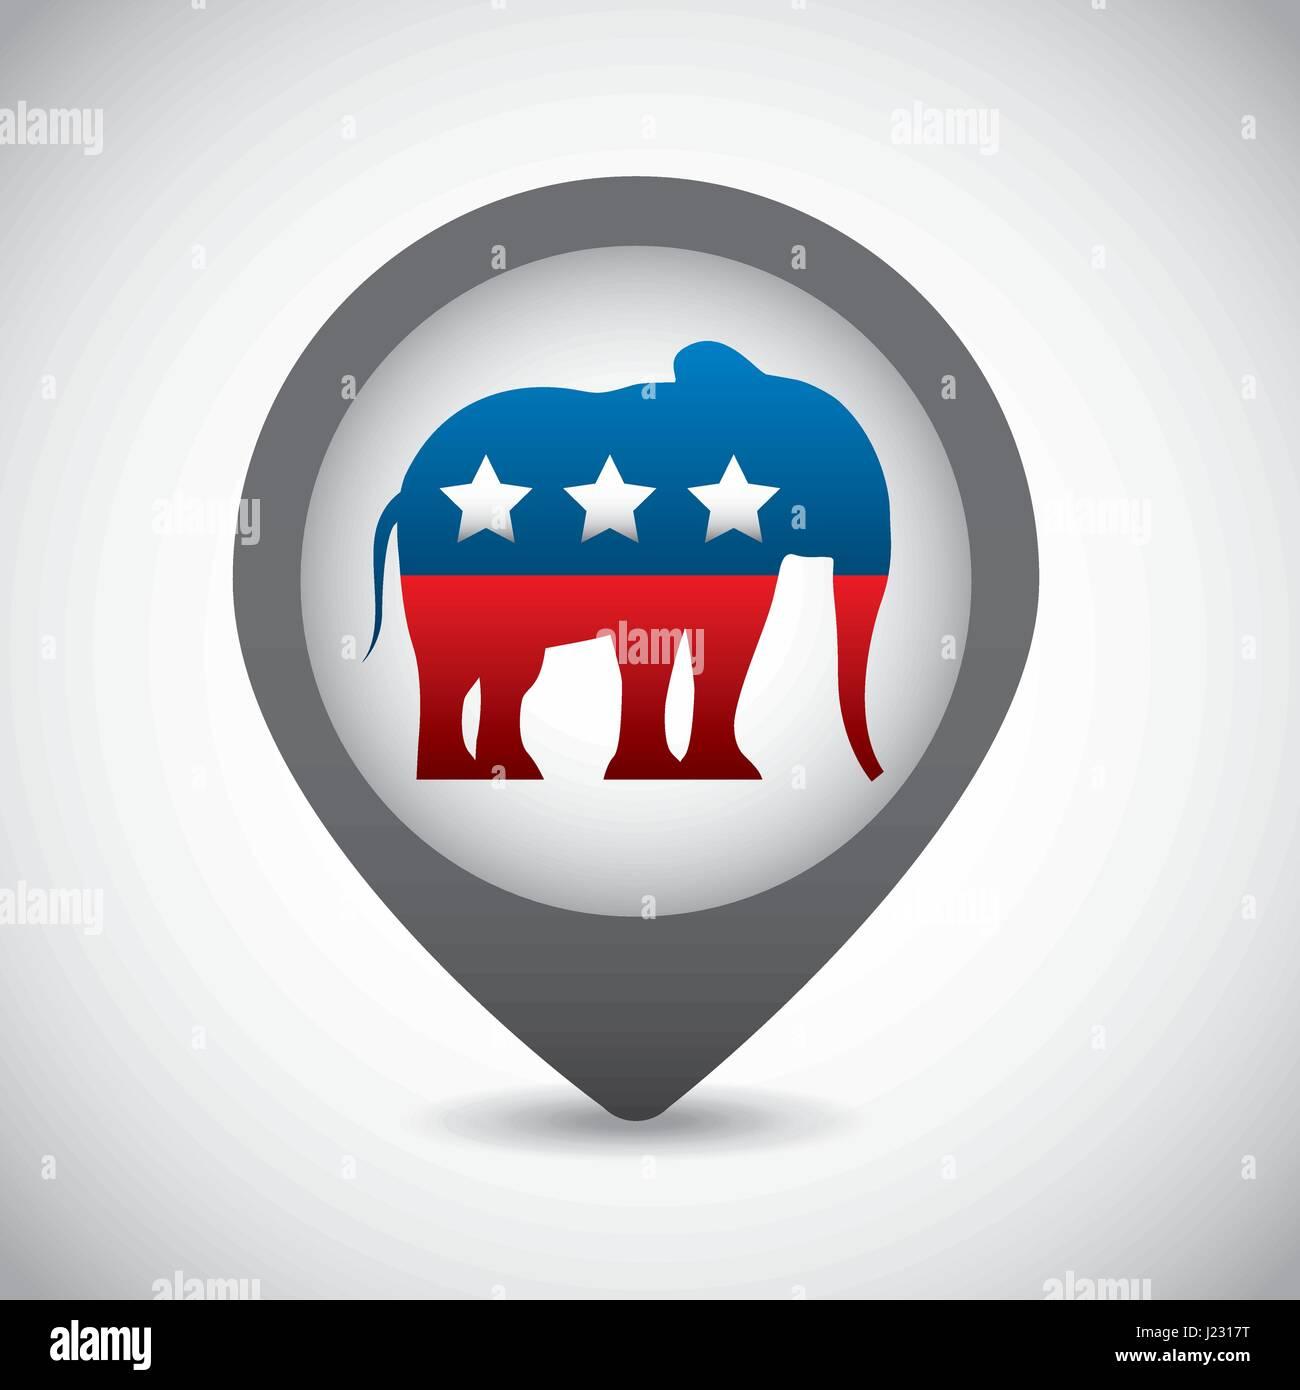 Patriotic Political Party Stockfotos & Patriotic Political Party ...